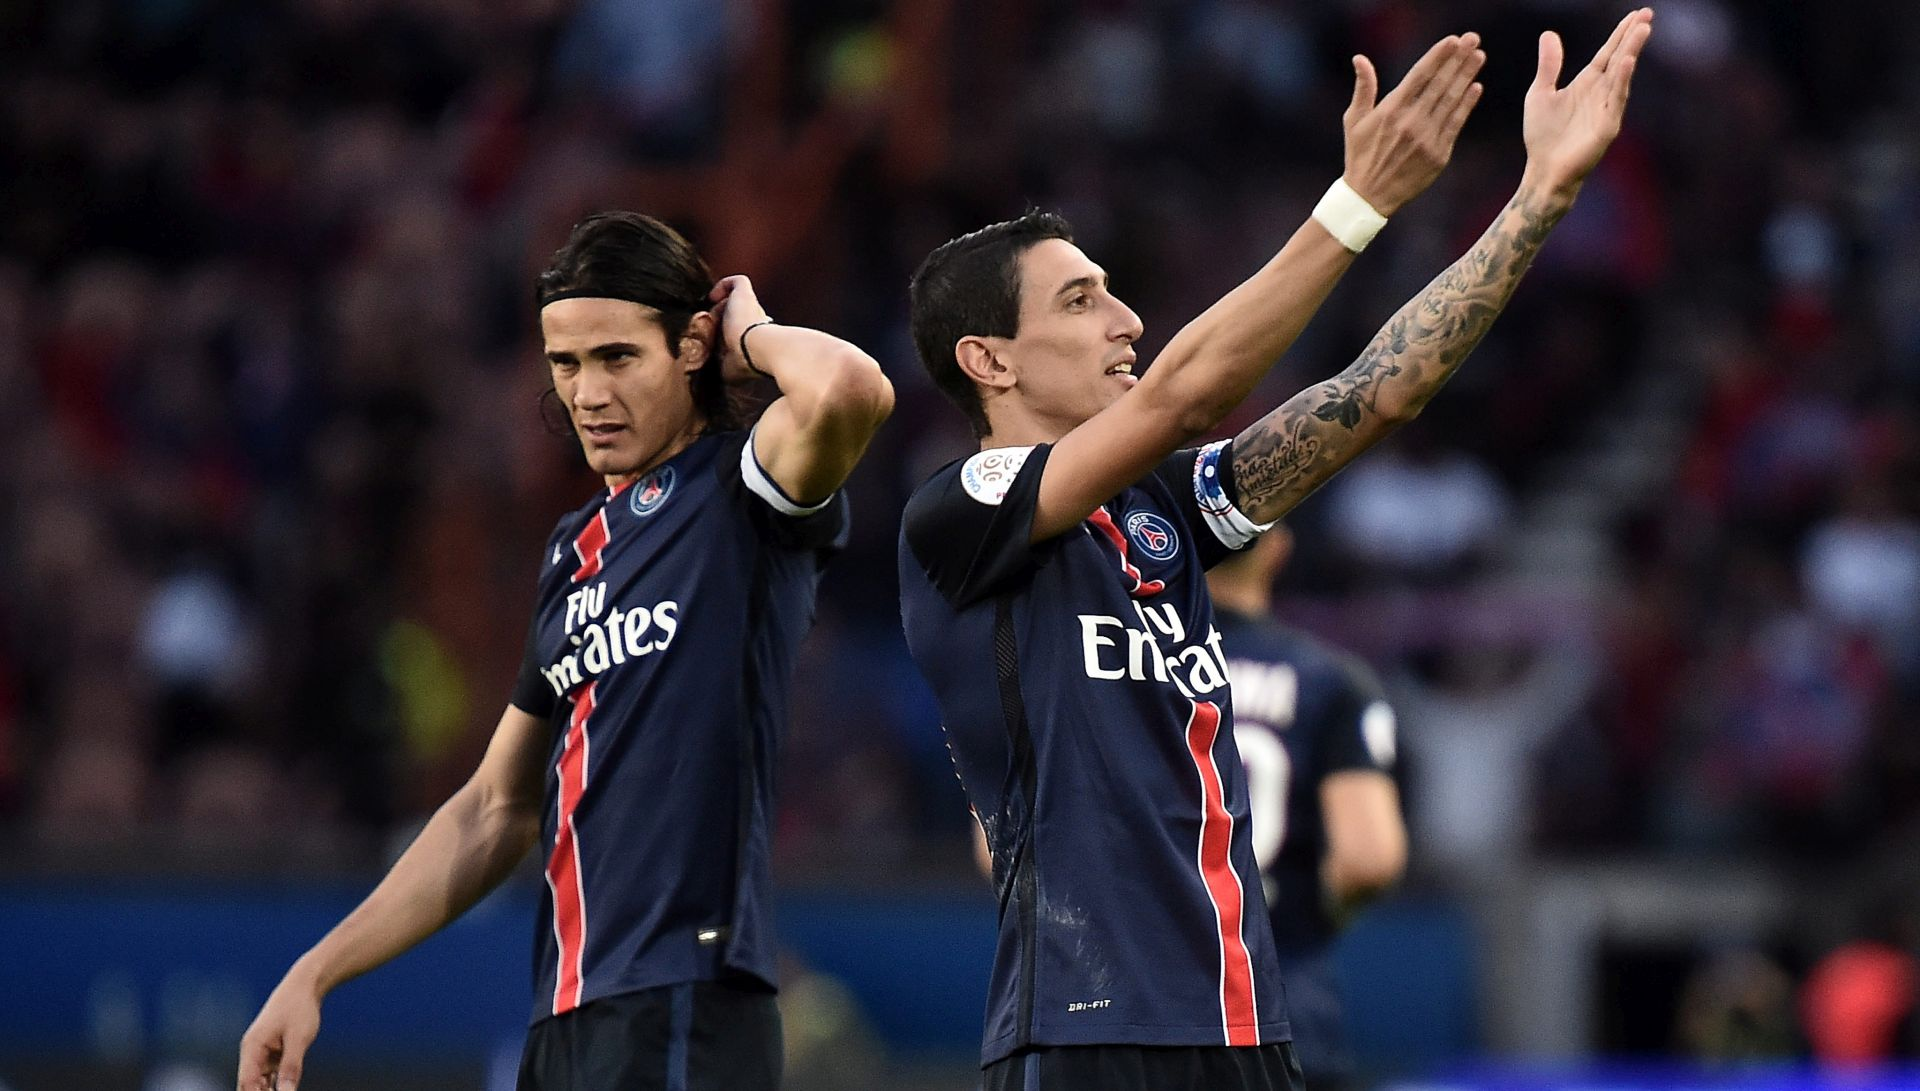 PSG MARŠIRA LIGOM Sedma uzastopna pobjeda Parižana, dva gola Ibrahimovića